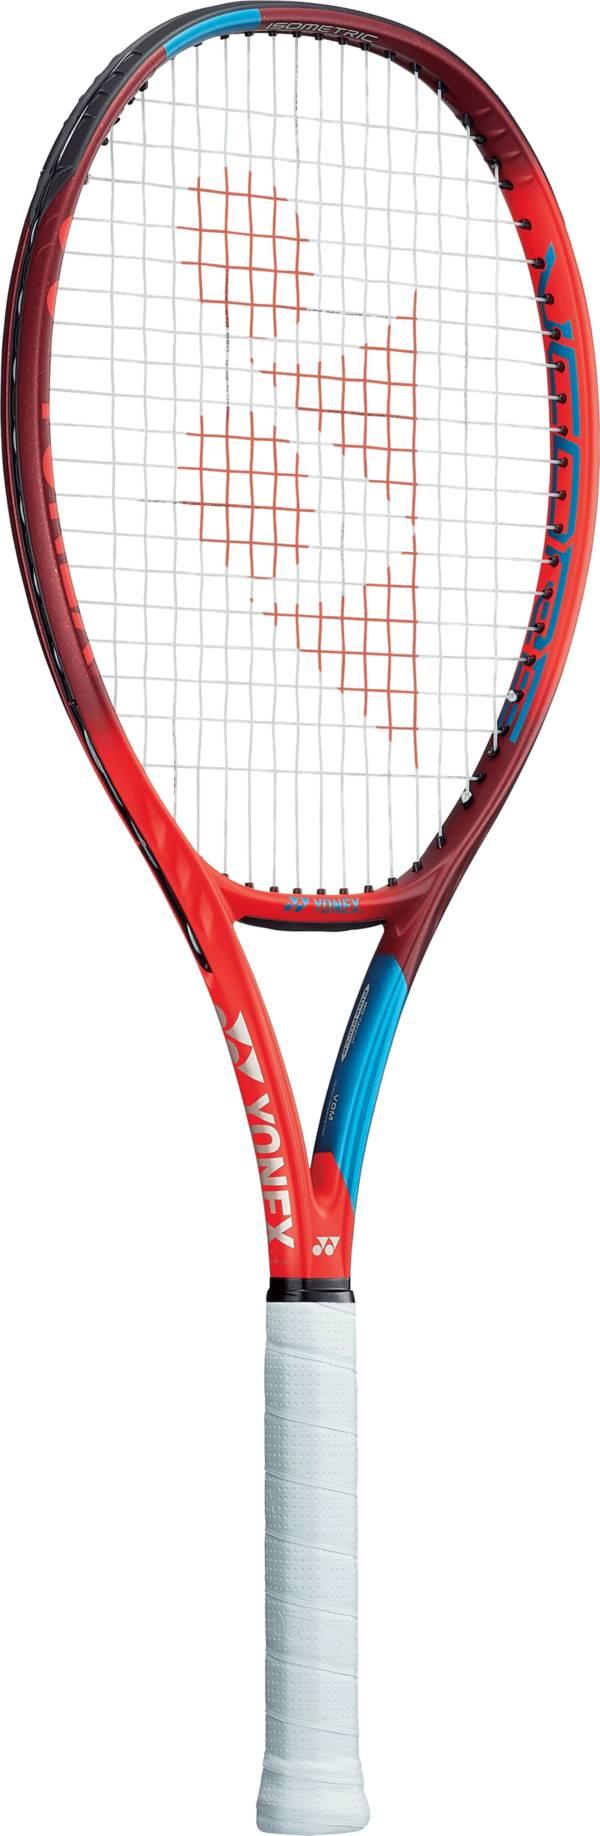 Yonex VCore 100L Tennis Raqcuet product image